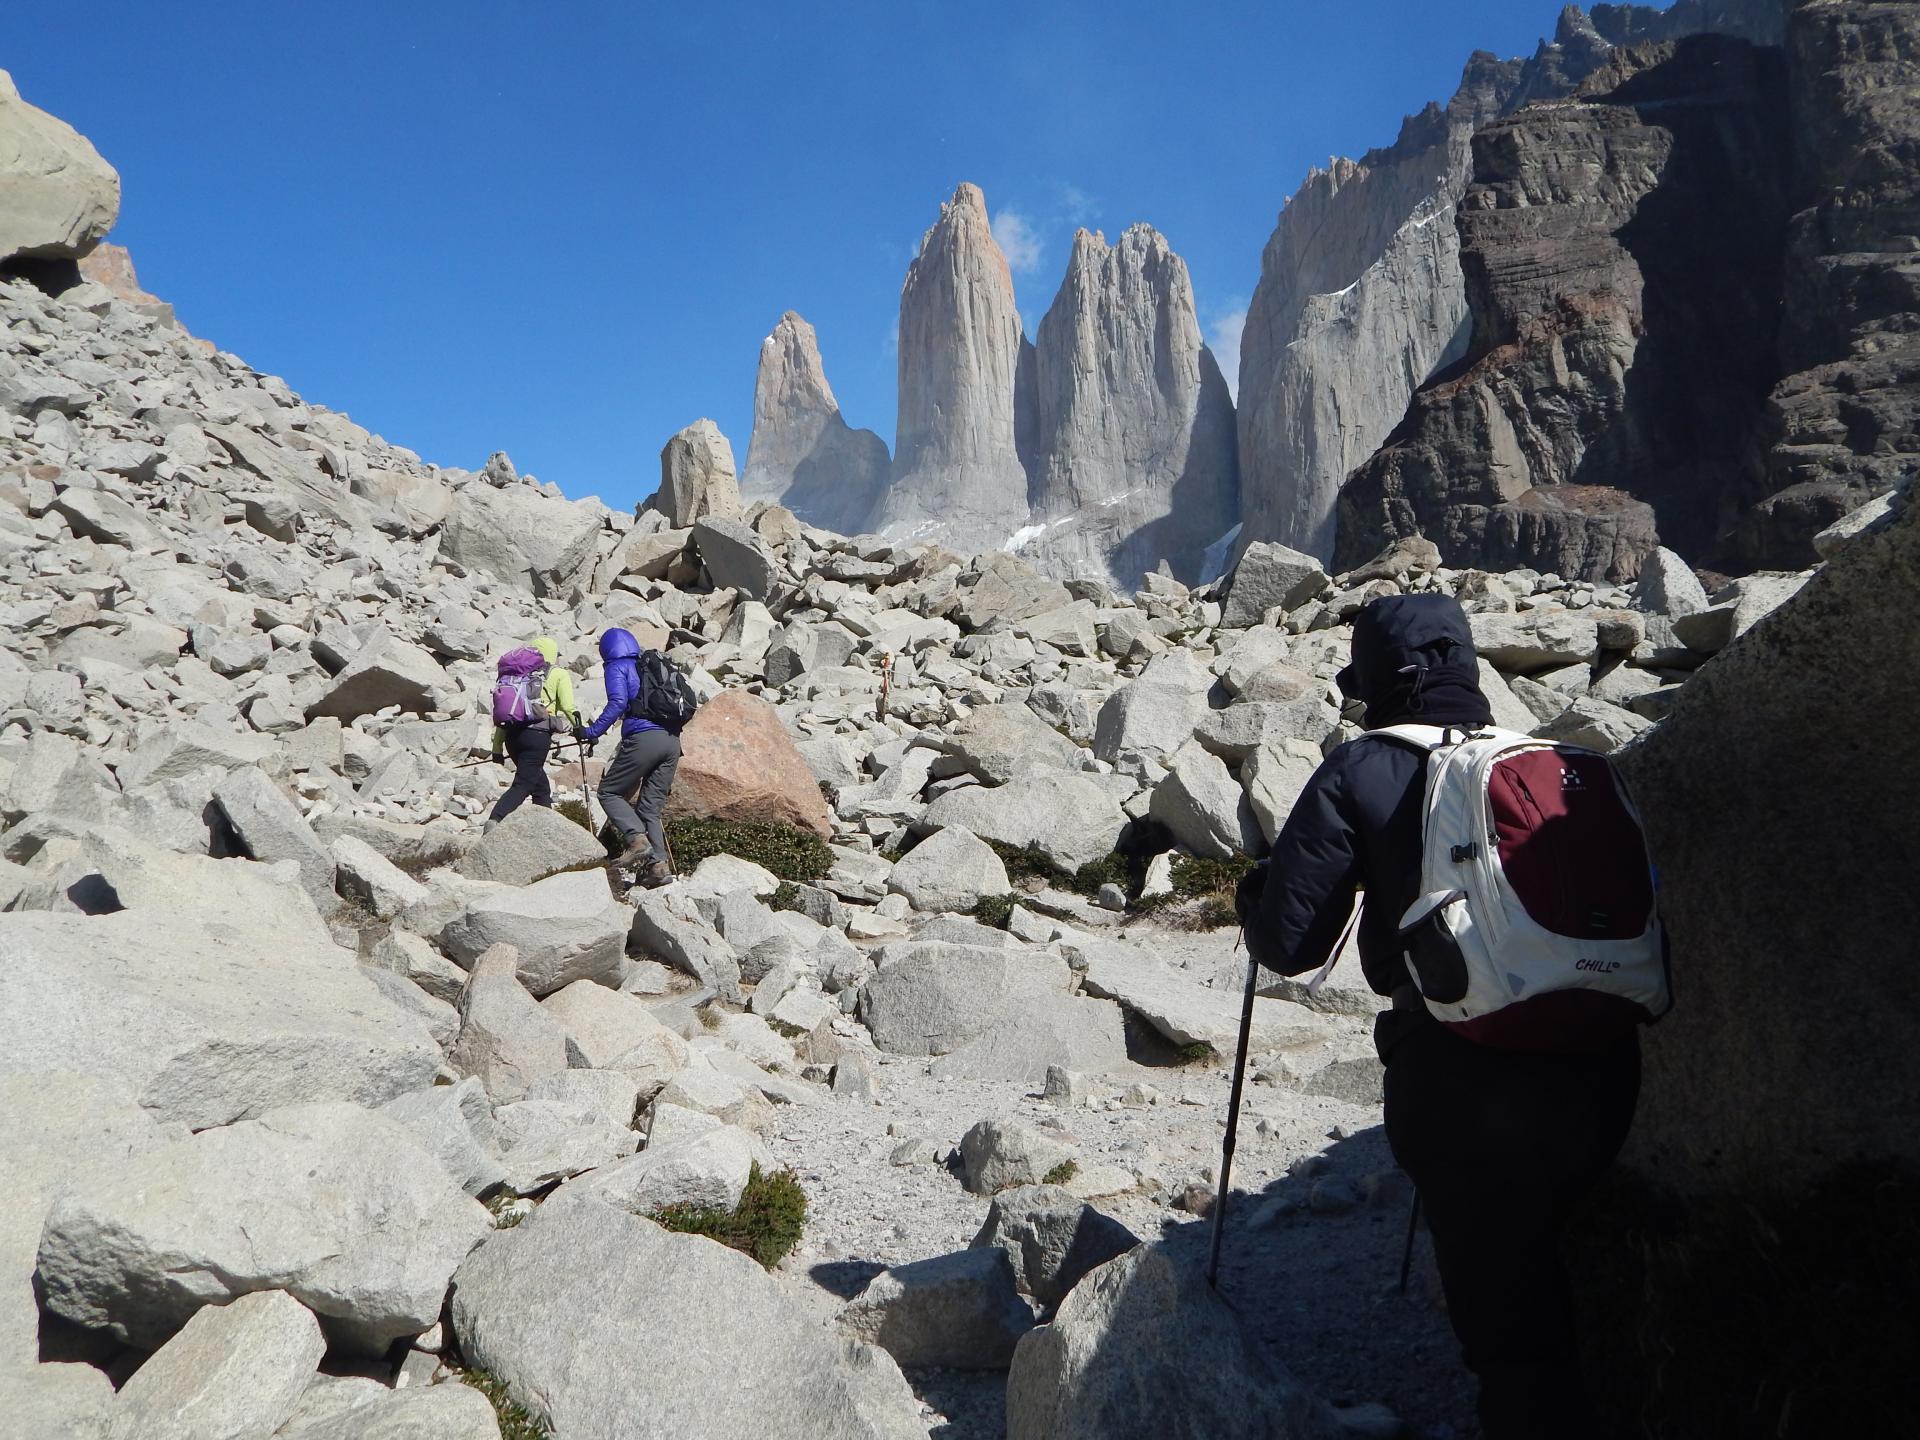 Entdecken Sie den Nationalpark Torres del Paine auf einer Trekkingtour durch Argentinien und Chile